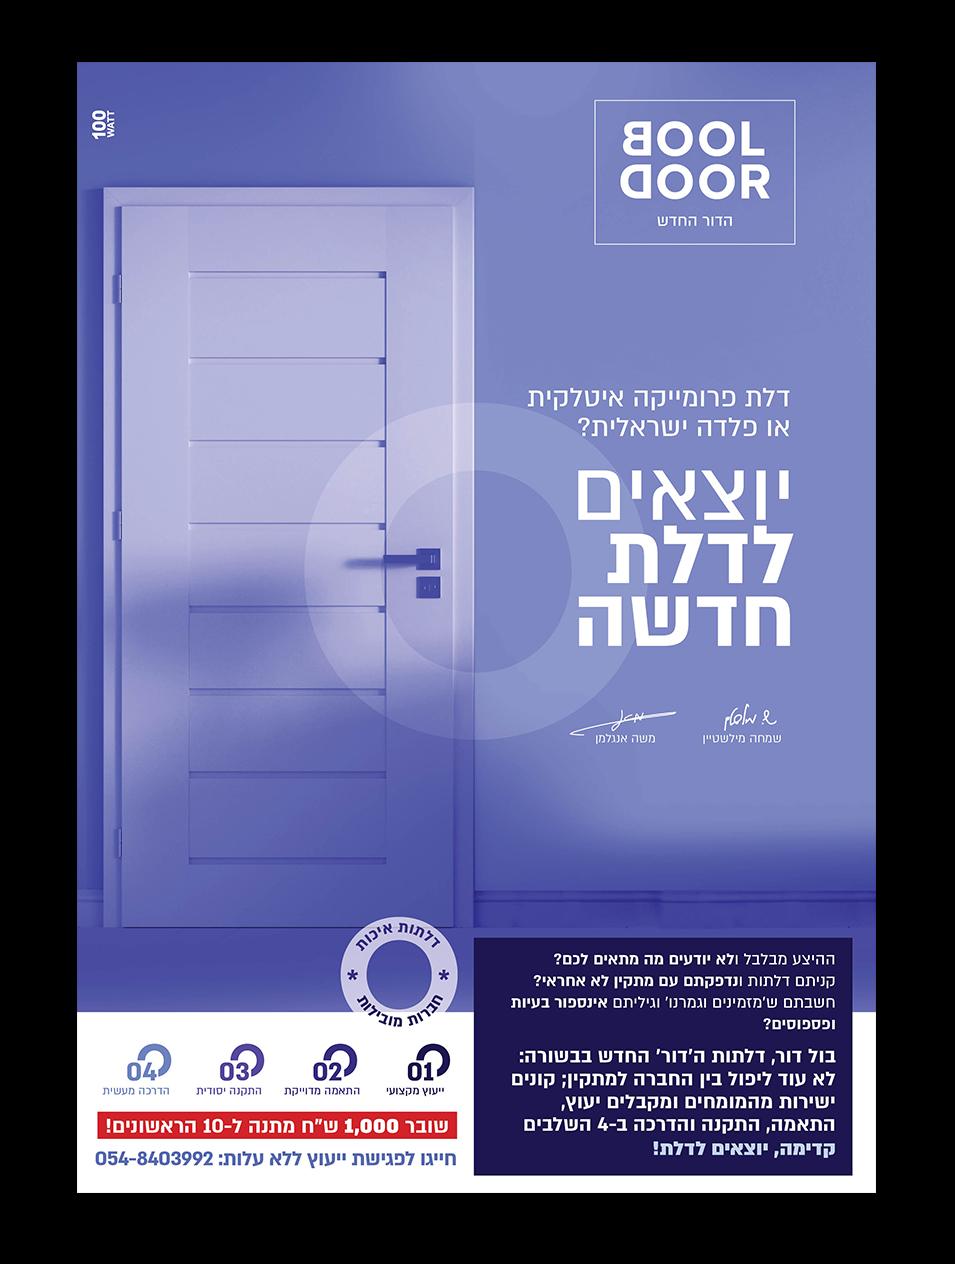 bool-door-12